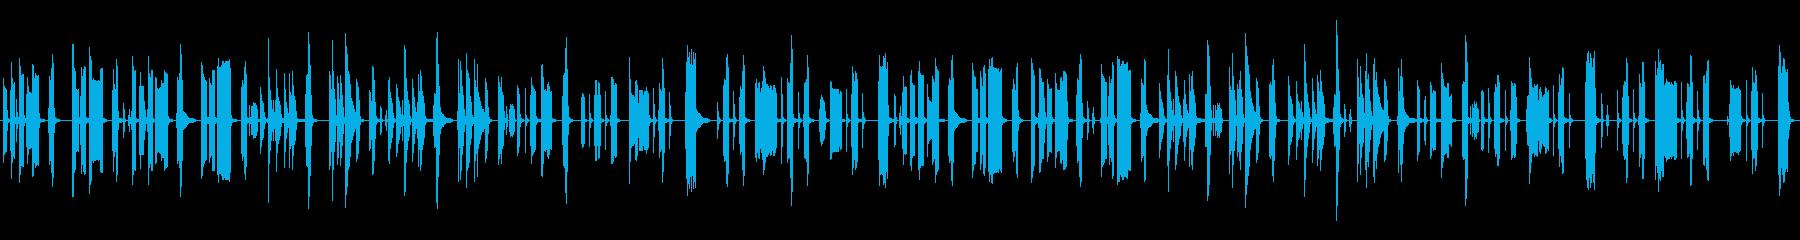 気の抜けた脱力系リコーダーとピアノの再生済みの波形